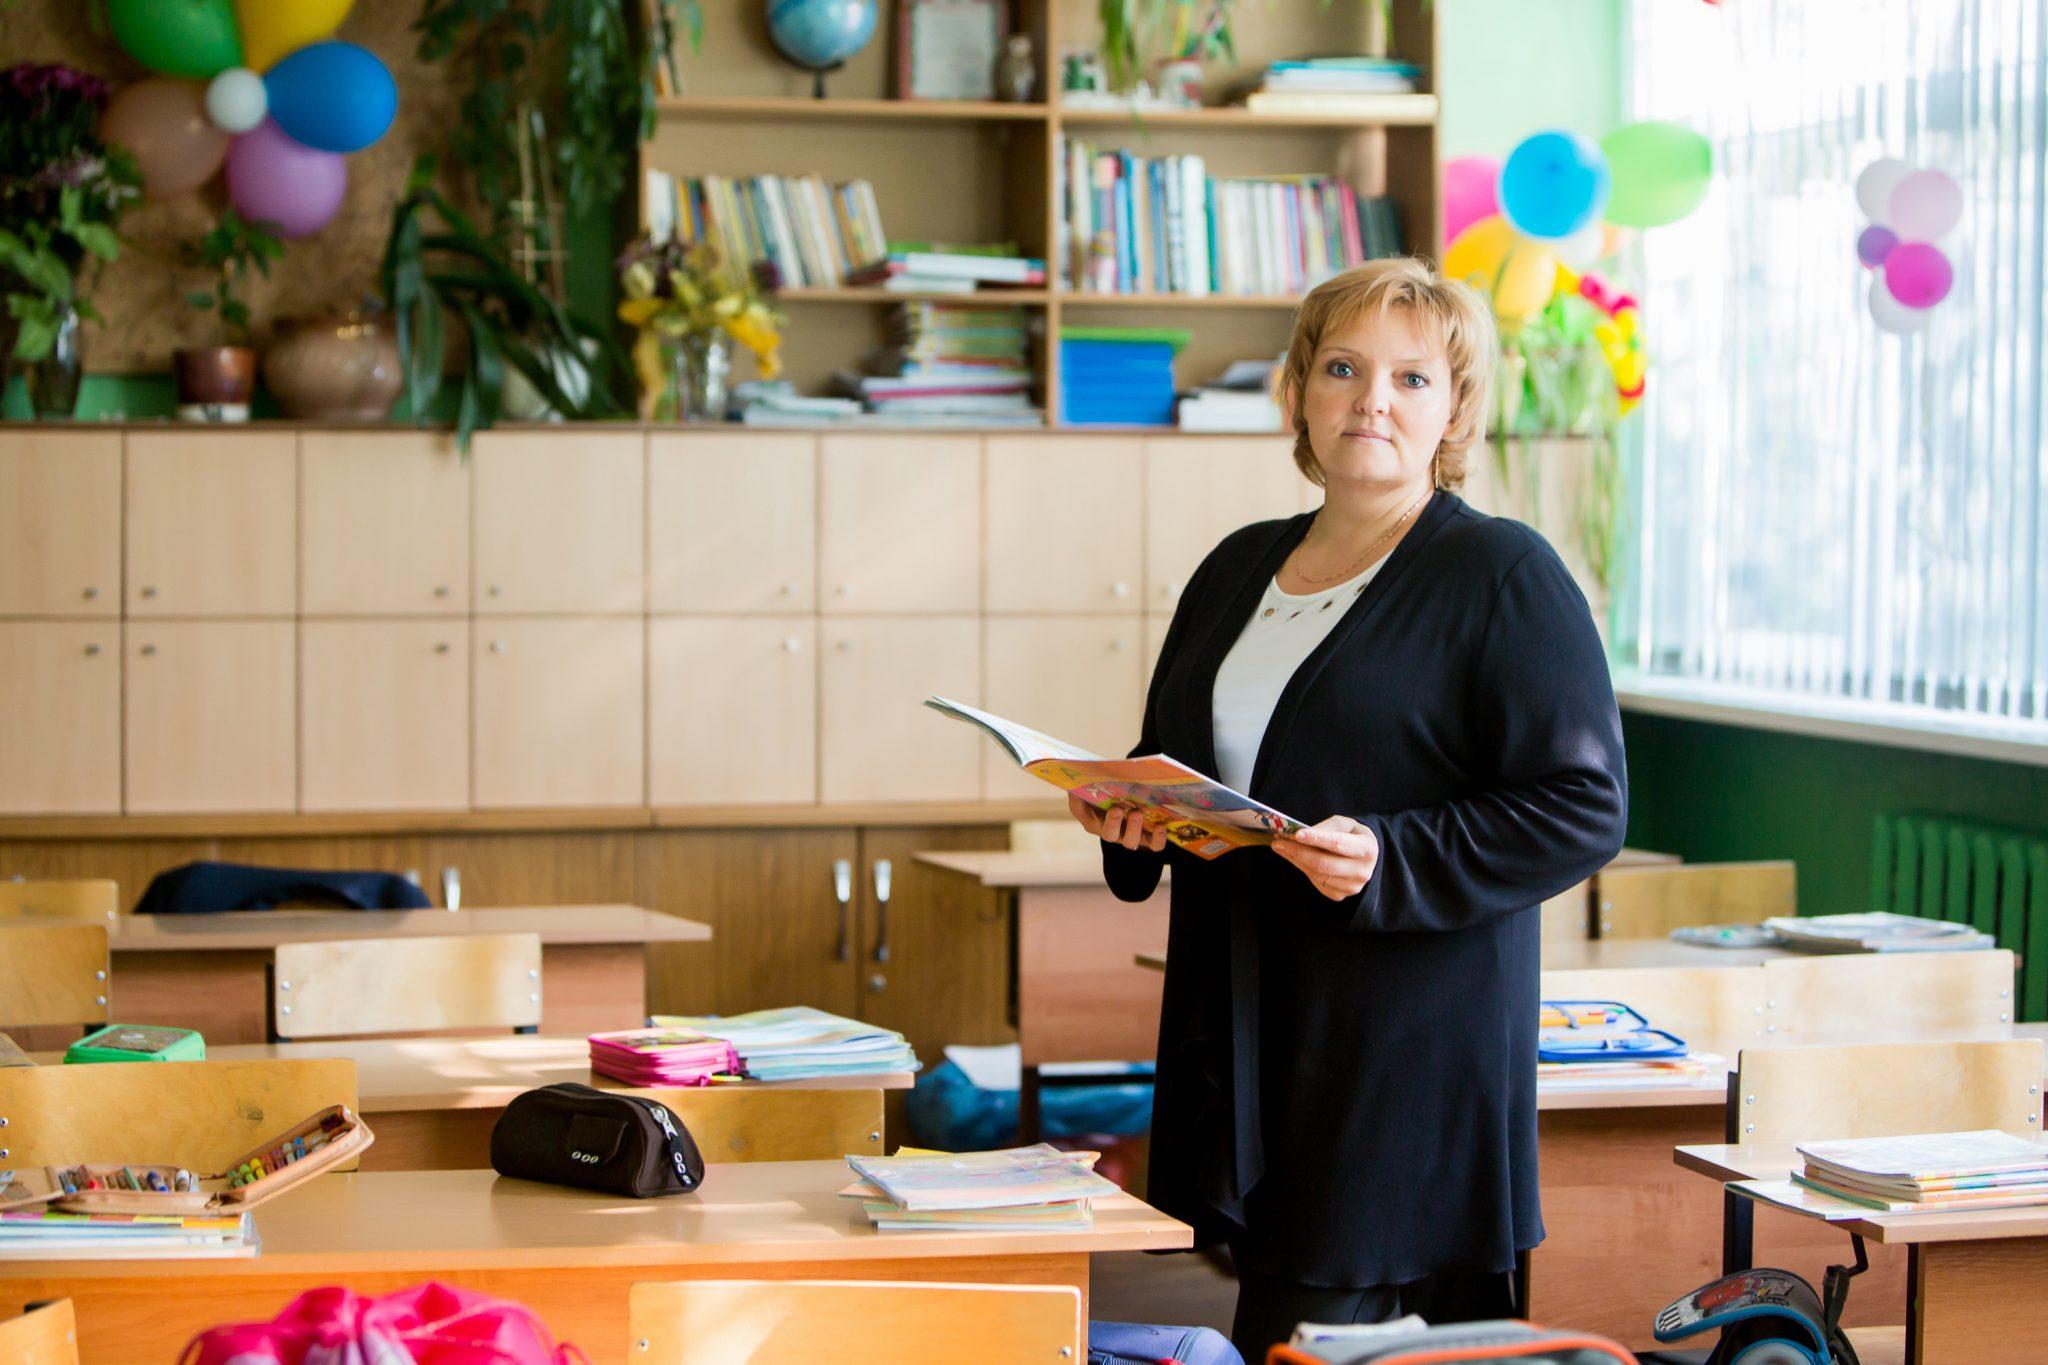 Учителям собираются платить 4 МРОТ за стандартную нагрузку в 18 часов